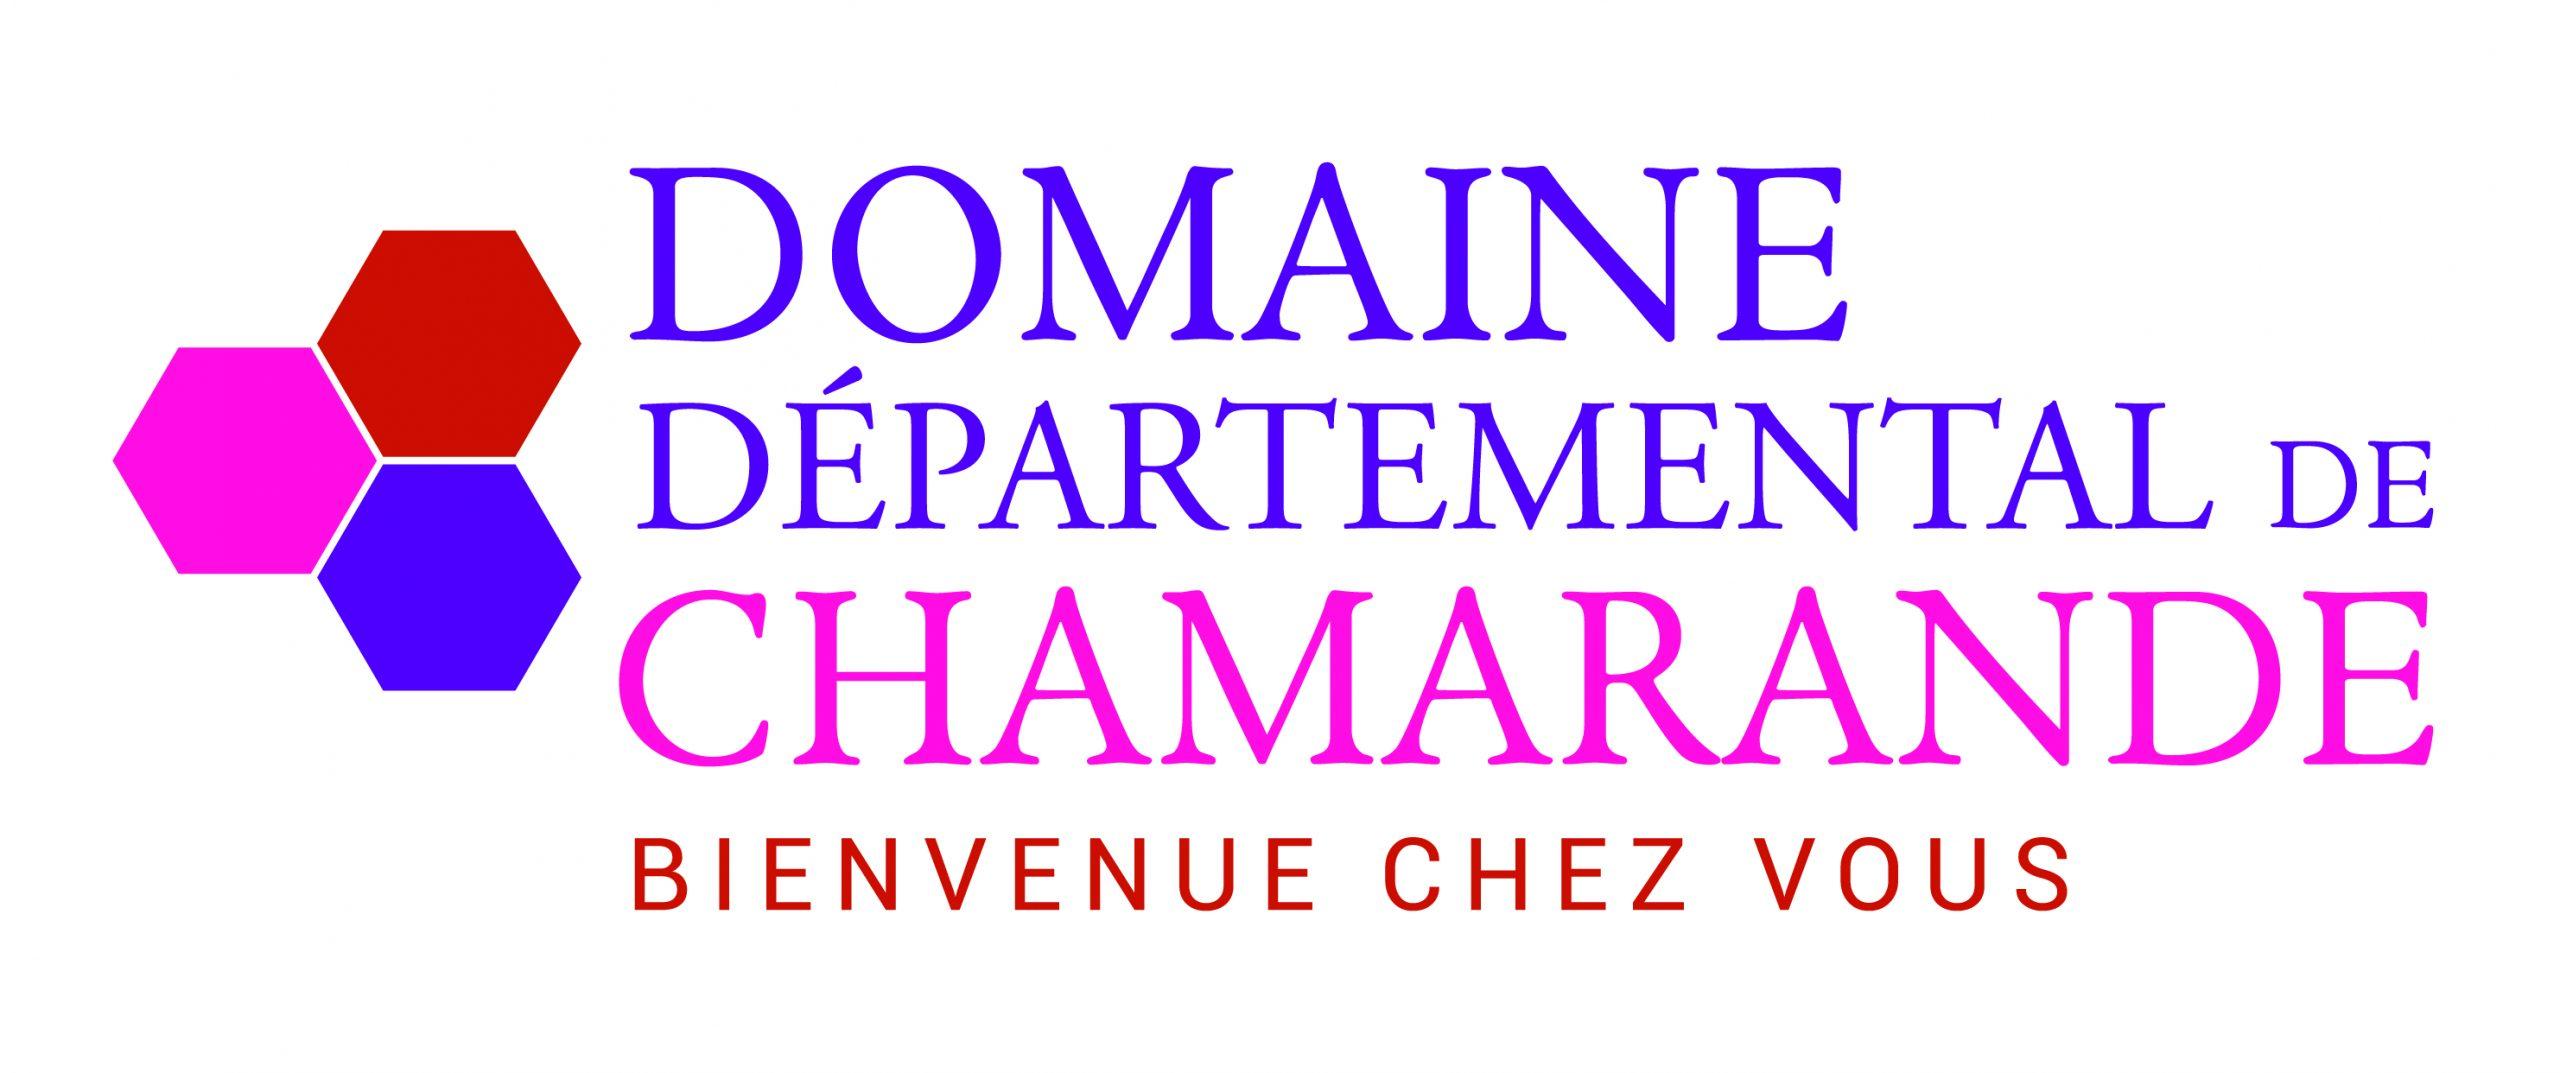 Domaine départemental de Chamarande